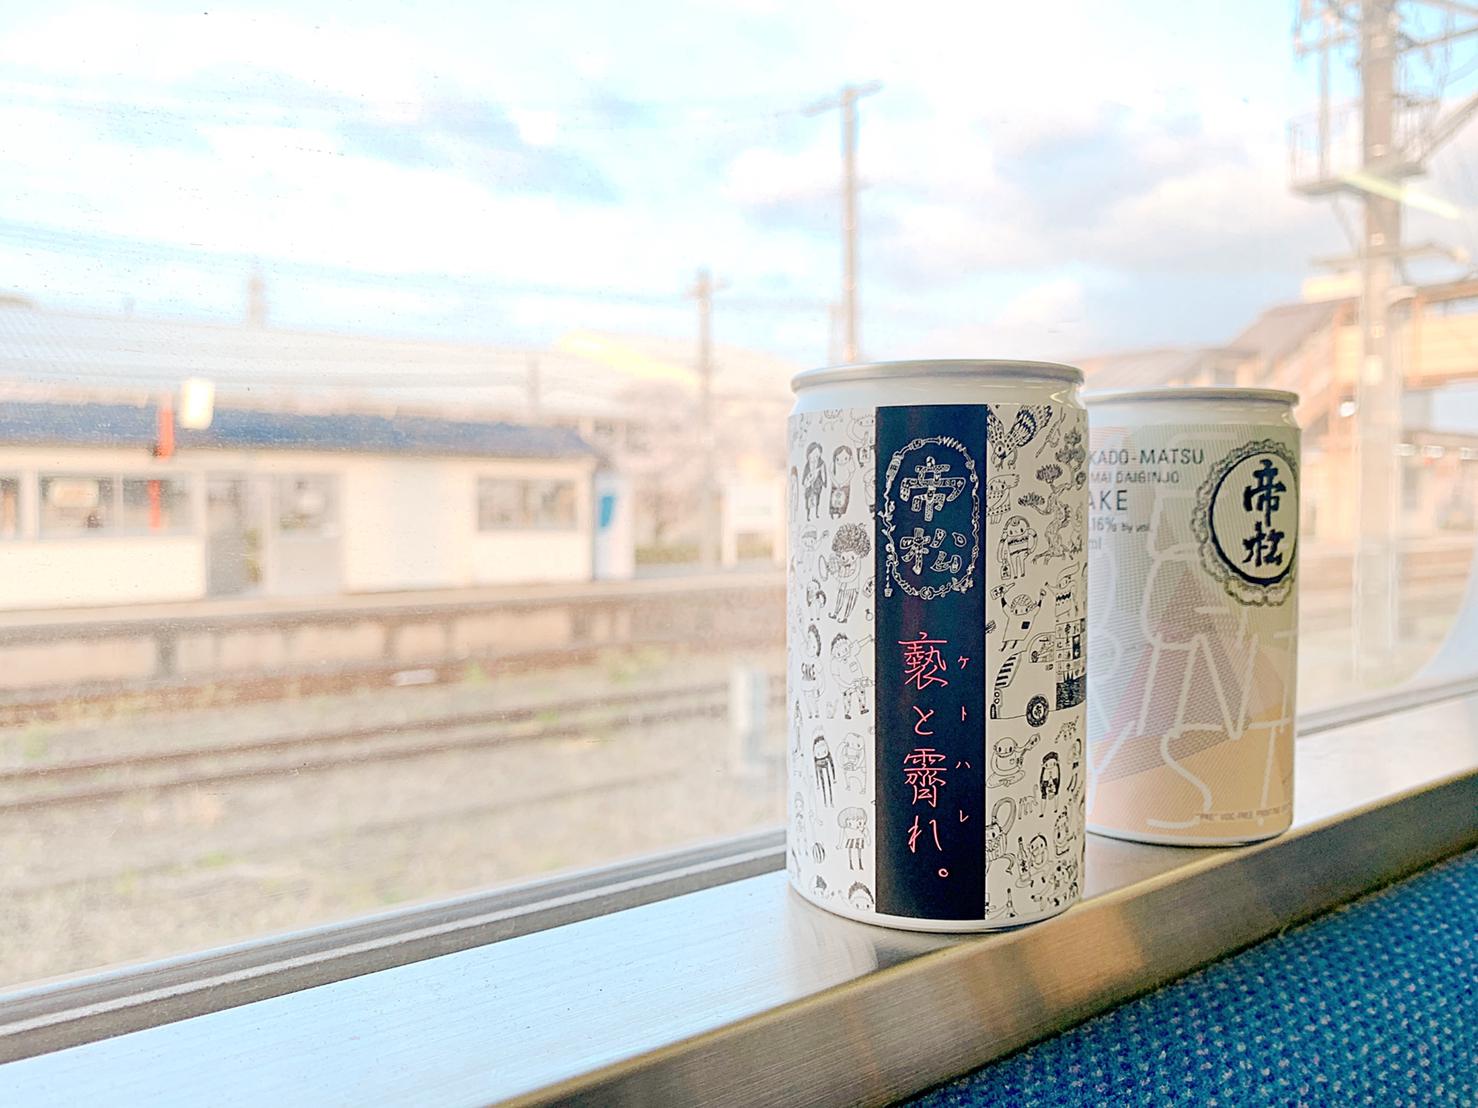 【新発売】東レ開発の印刷技術を採用した環境配慮ラベル使用の日本酒(一合缶)をアグナビが発売しました!